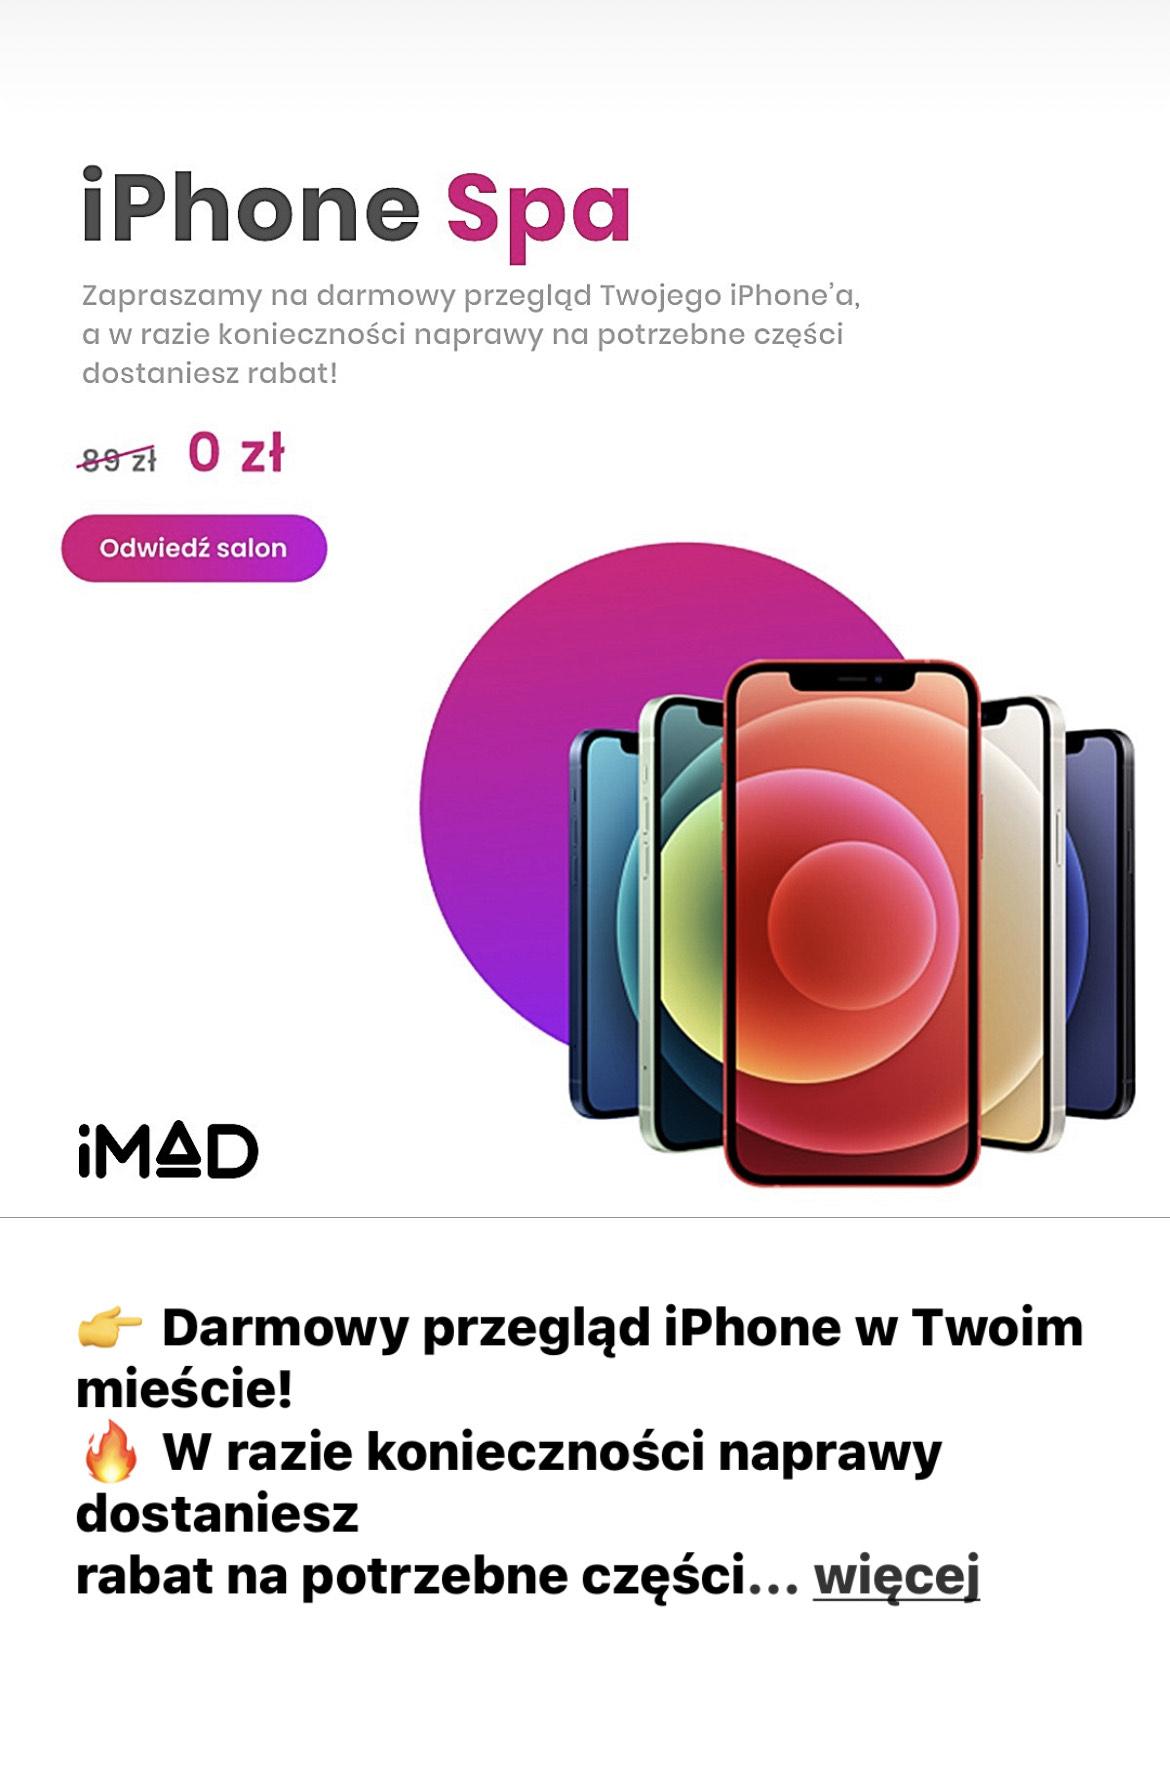 Bezpłatna weryfikacja iPhone w IMad